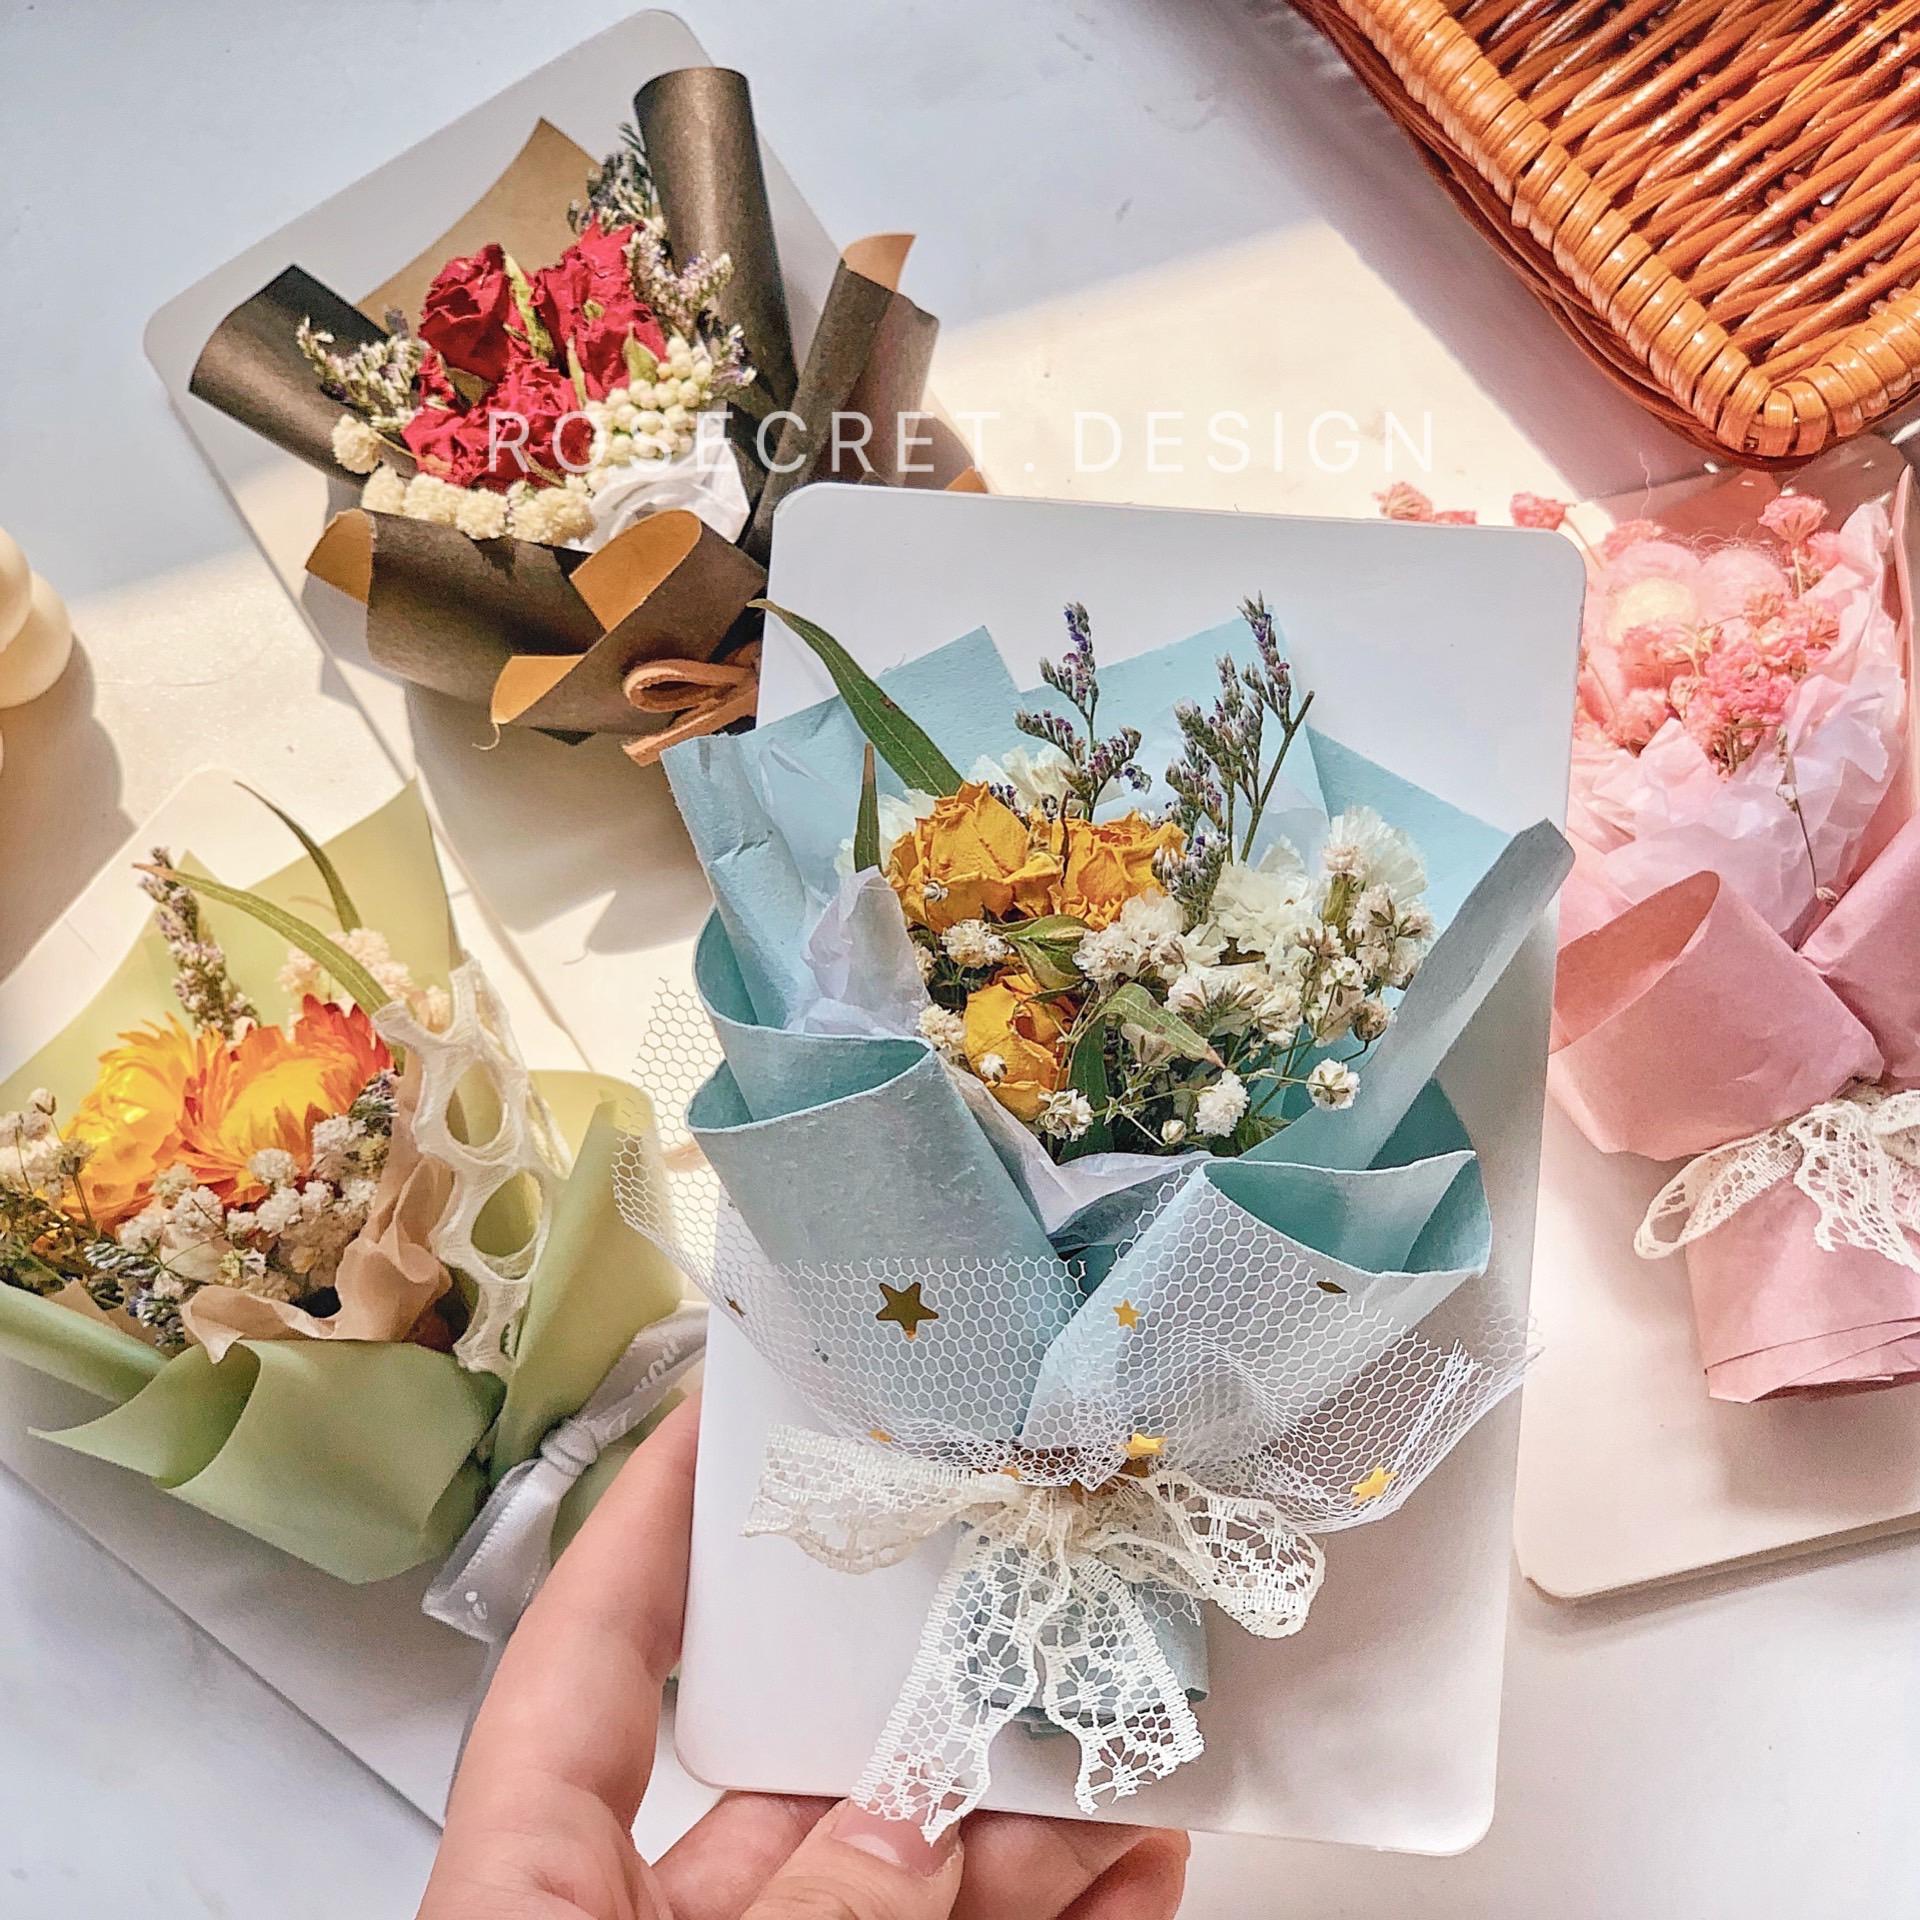 干花贺卡礼物迷你创意小花束永生花卡片送老师生日祝福毕业情人节